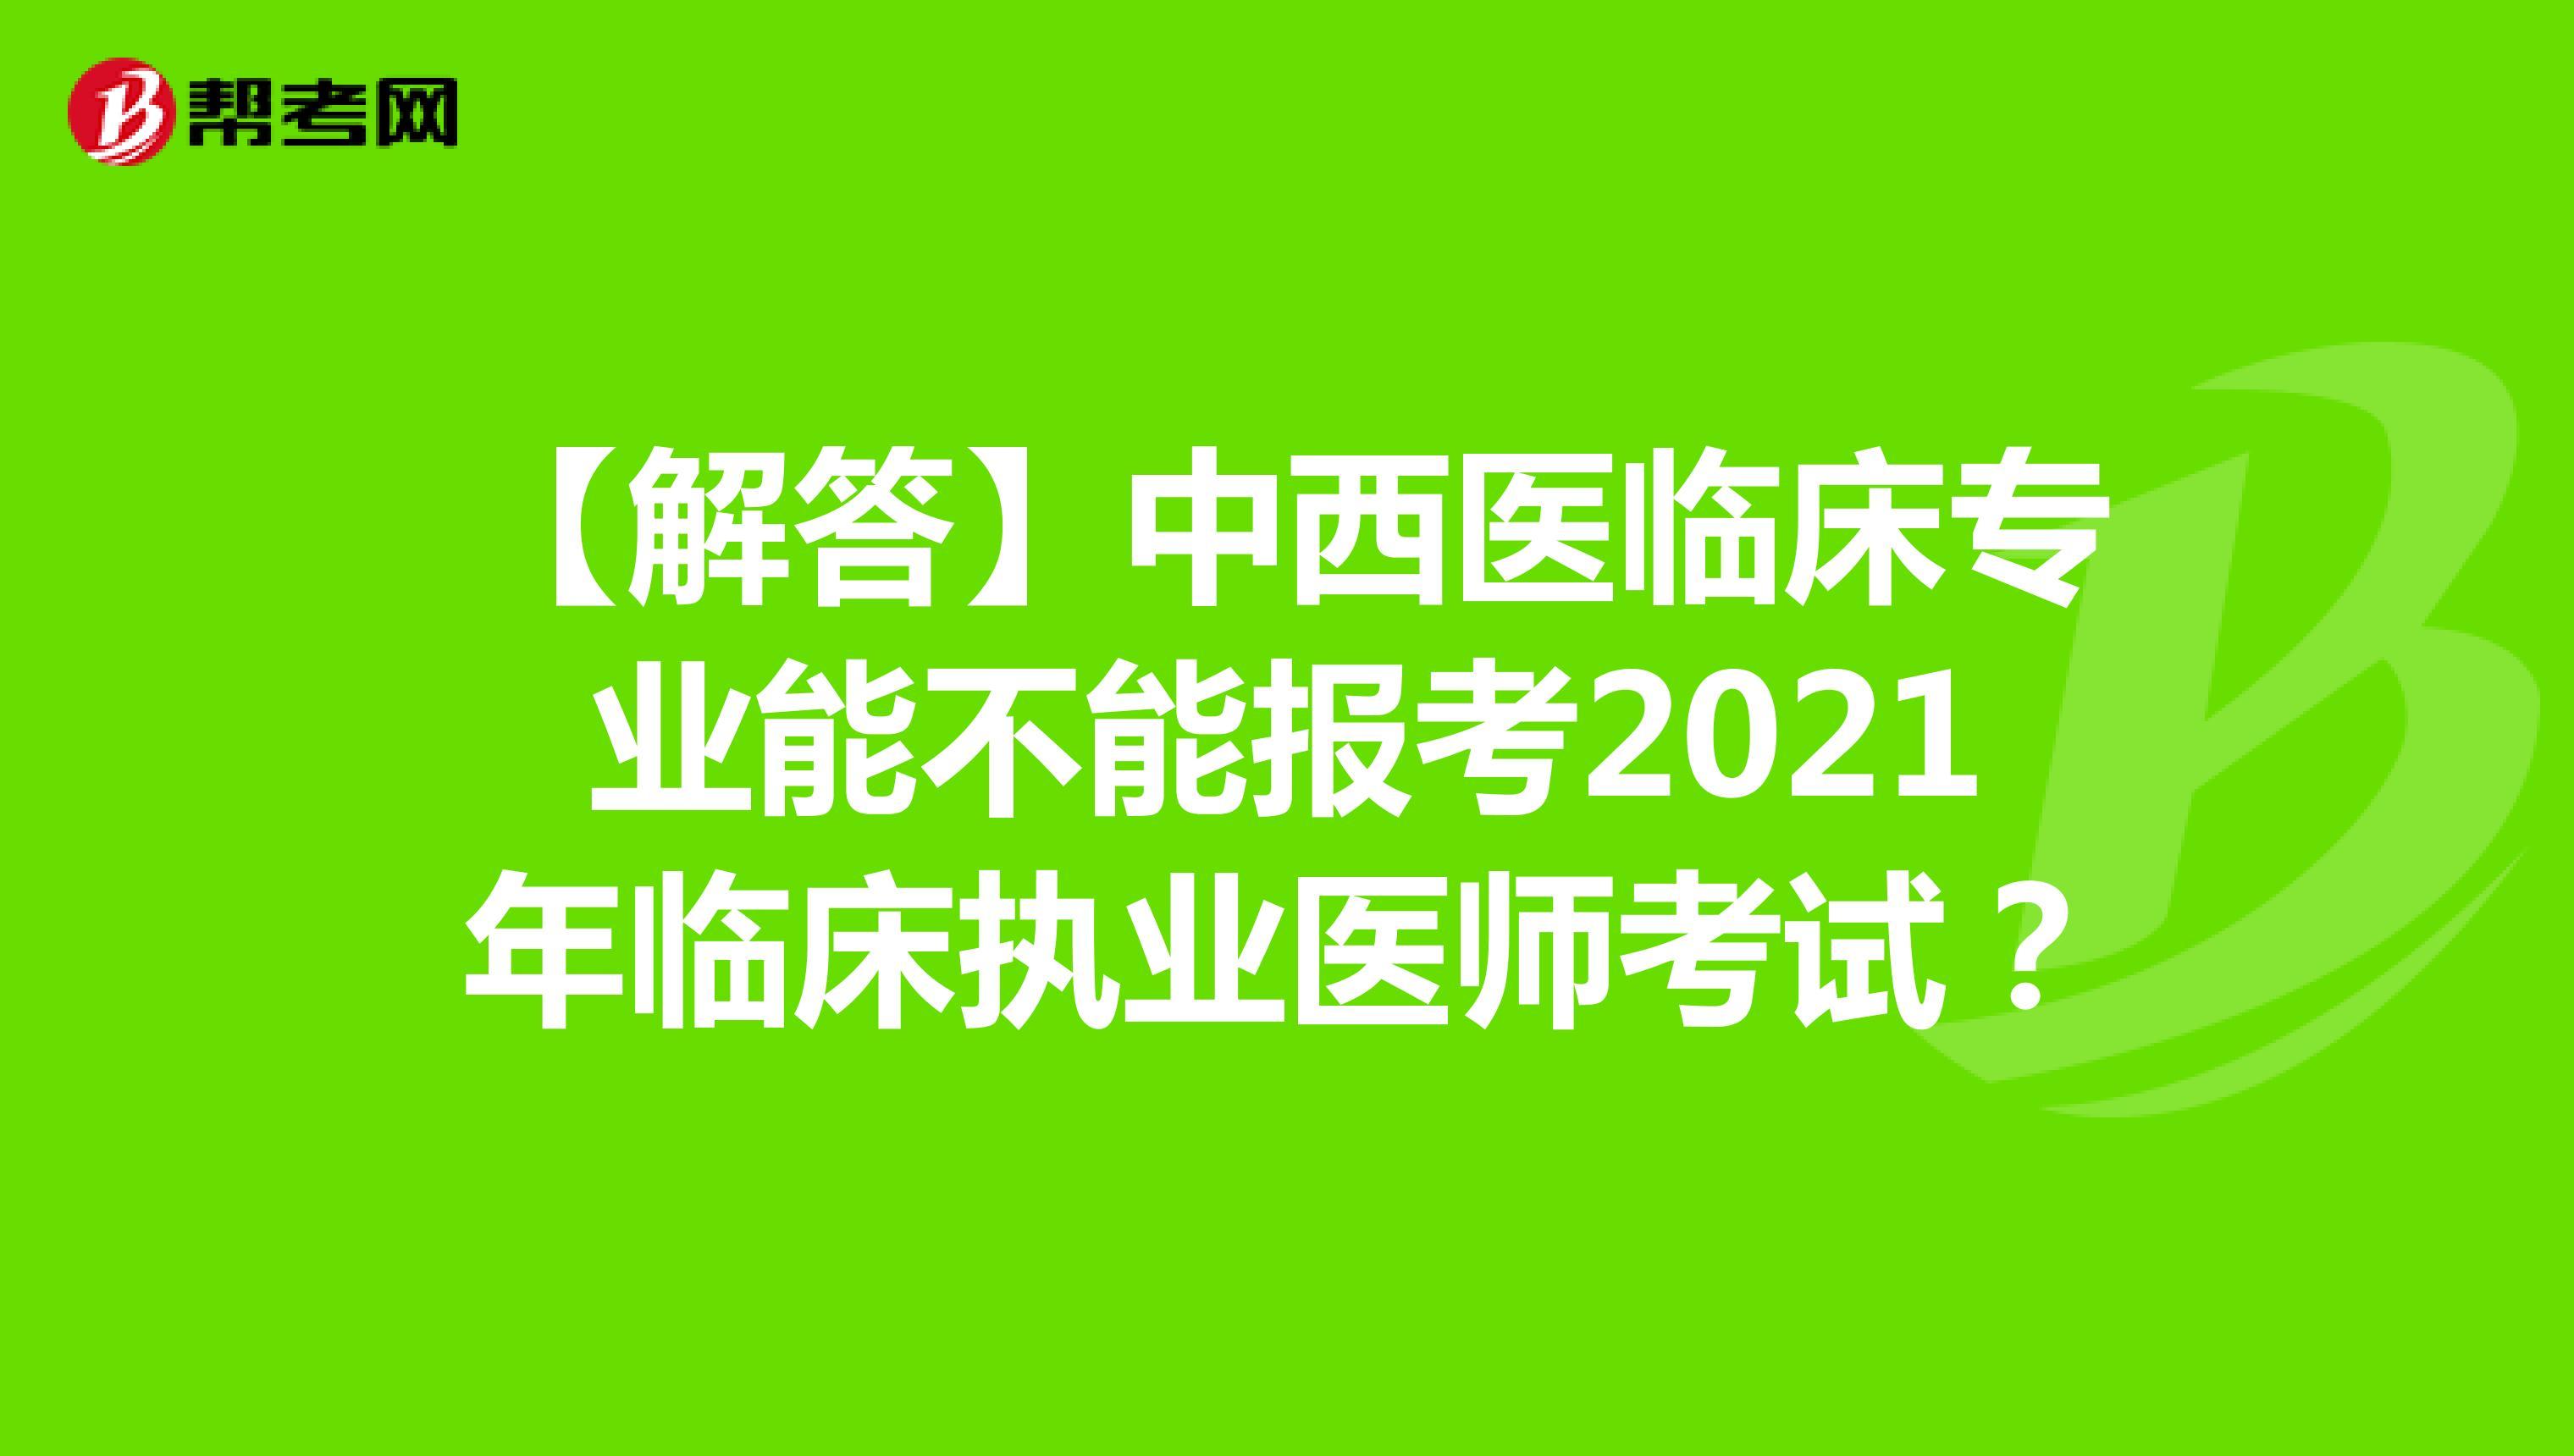 【解答】中西醫臨床專業能不能報考2021年臨床執業醫師考試?